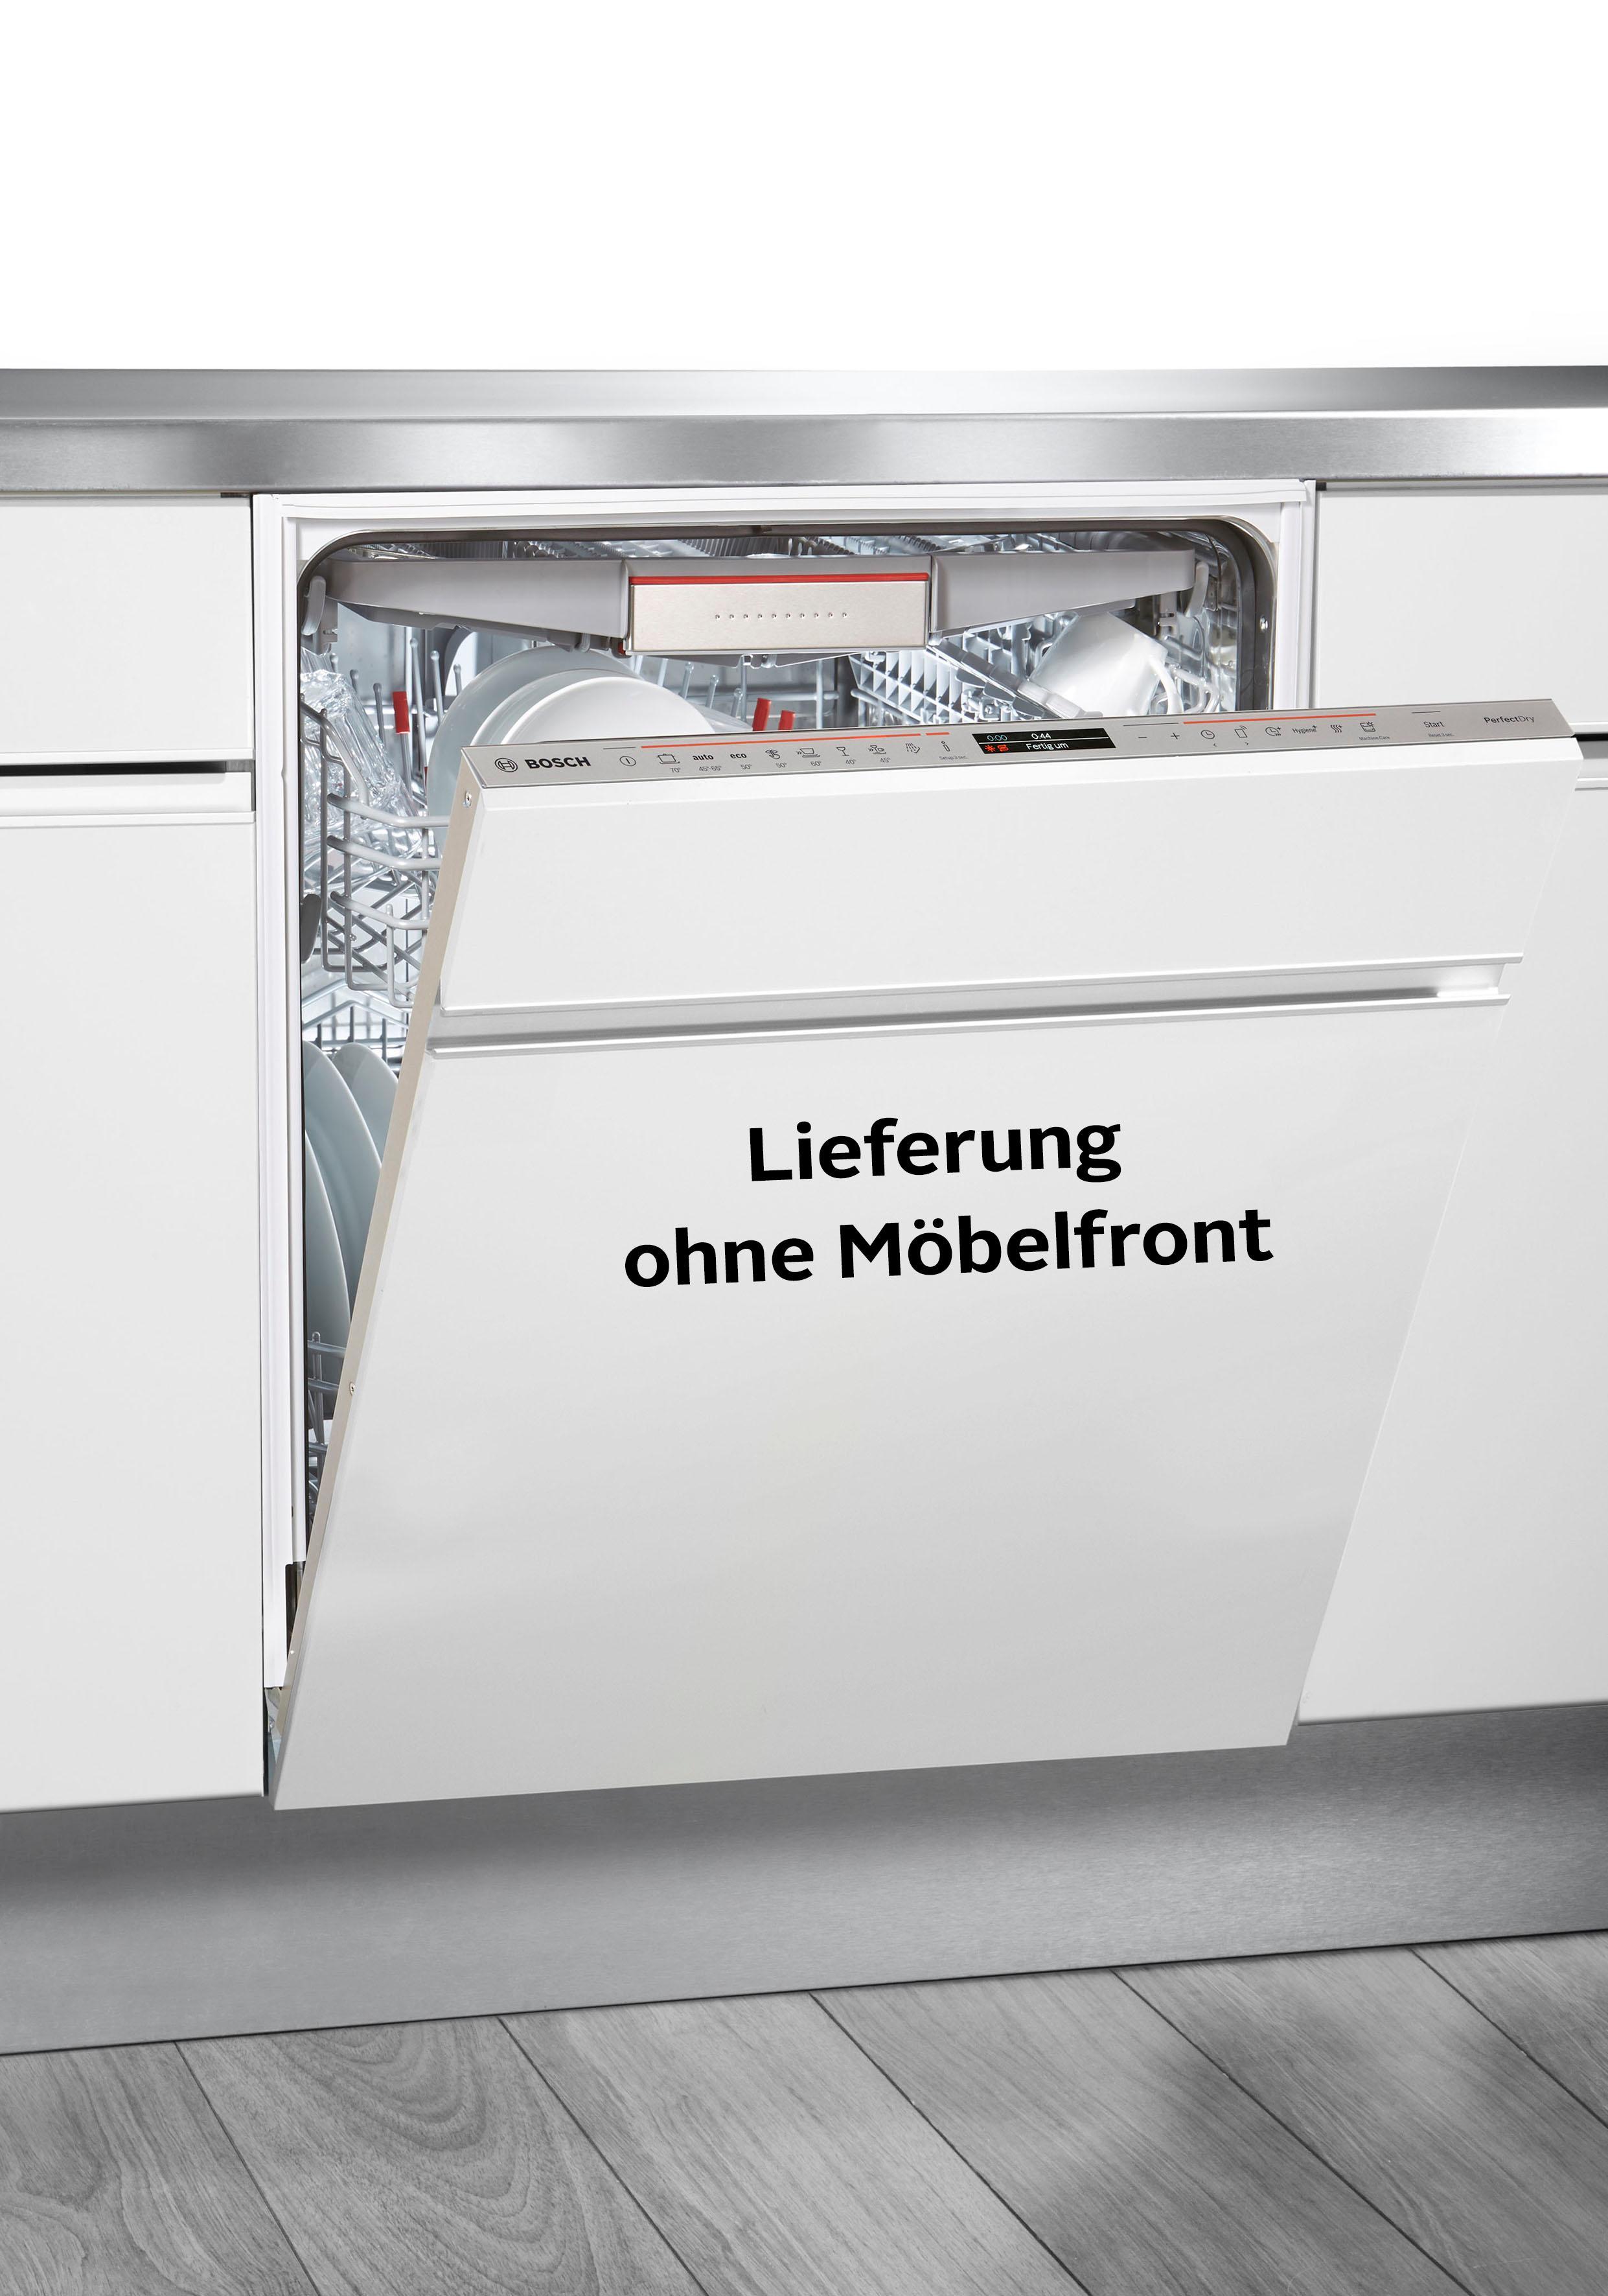 BOSCH vollintegrierbarer Geschirrspüler Serie 6 95 Liter 14 Maßgedecke   Küche und Esszimmer > Küchenelektrogeräte > Gefrierschränke   Bosch